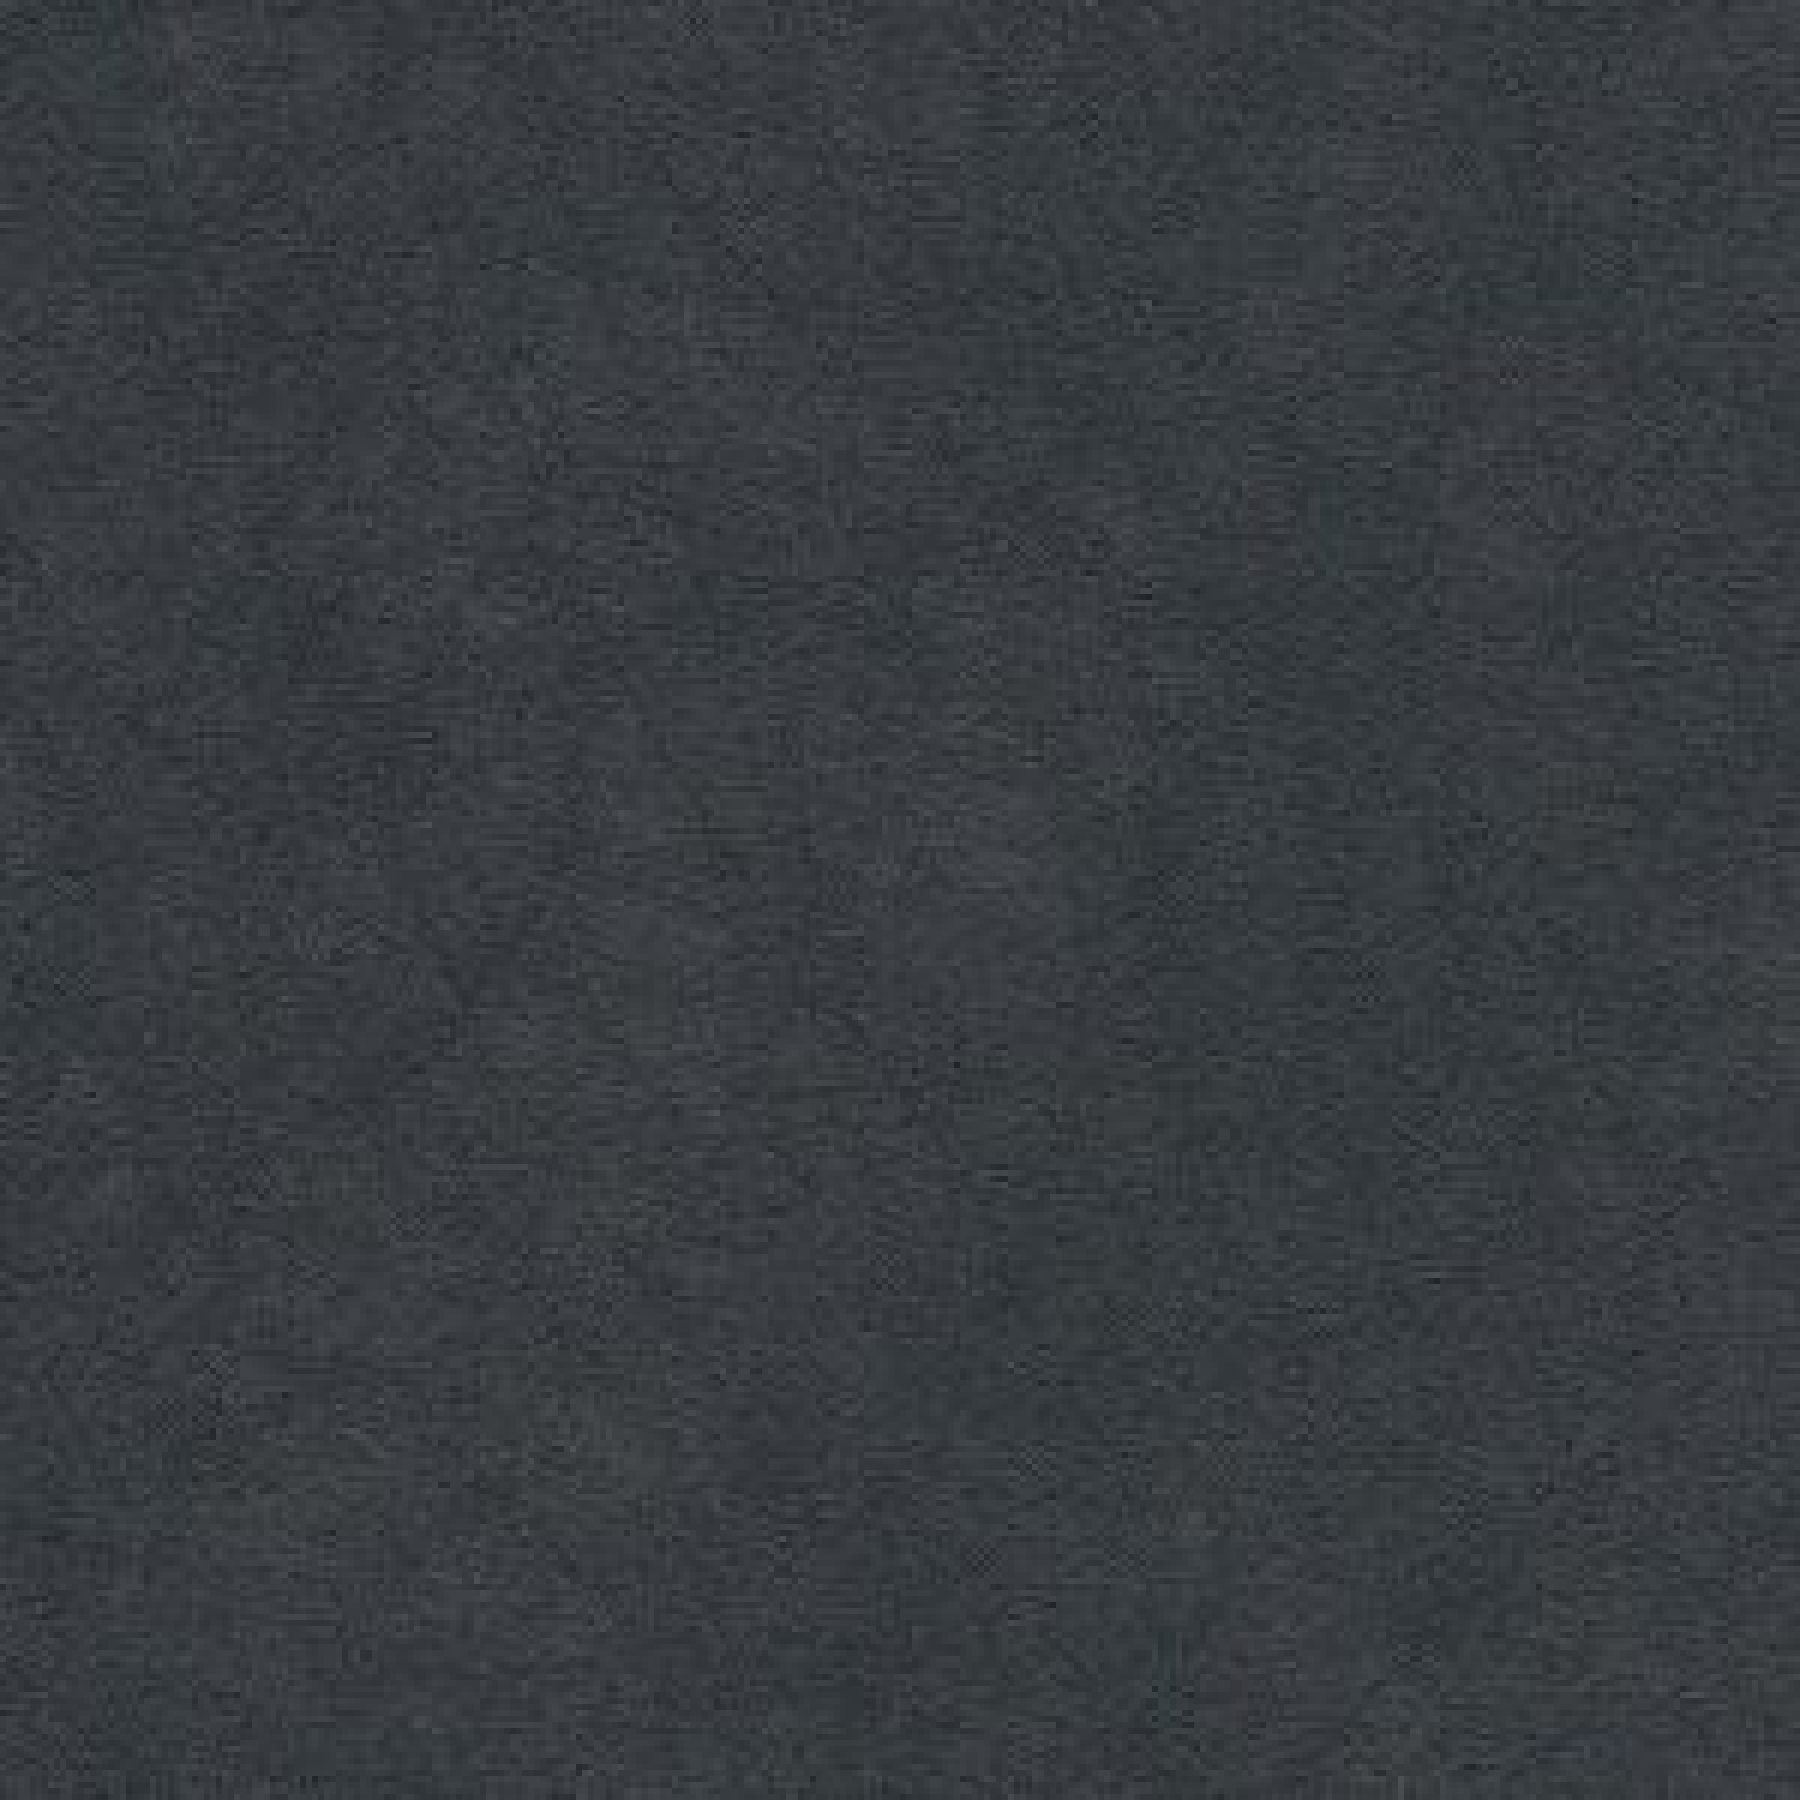 Skai F6461587-30